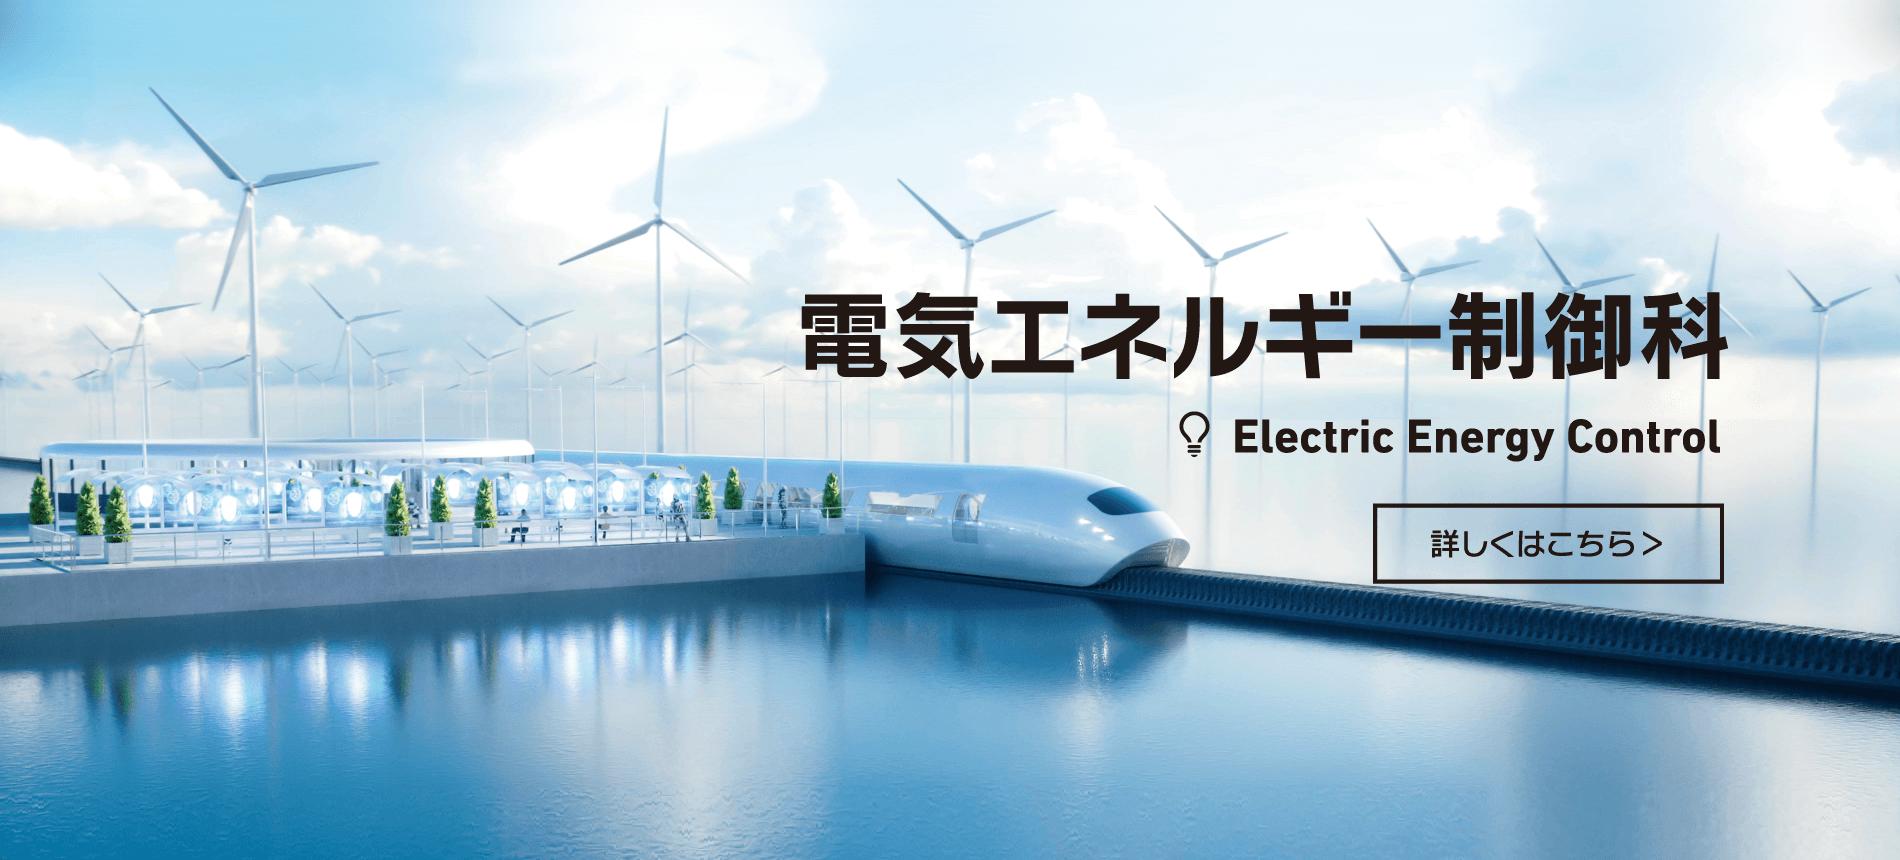 電気エネルギー制御科